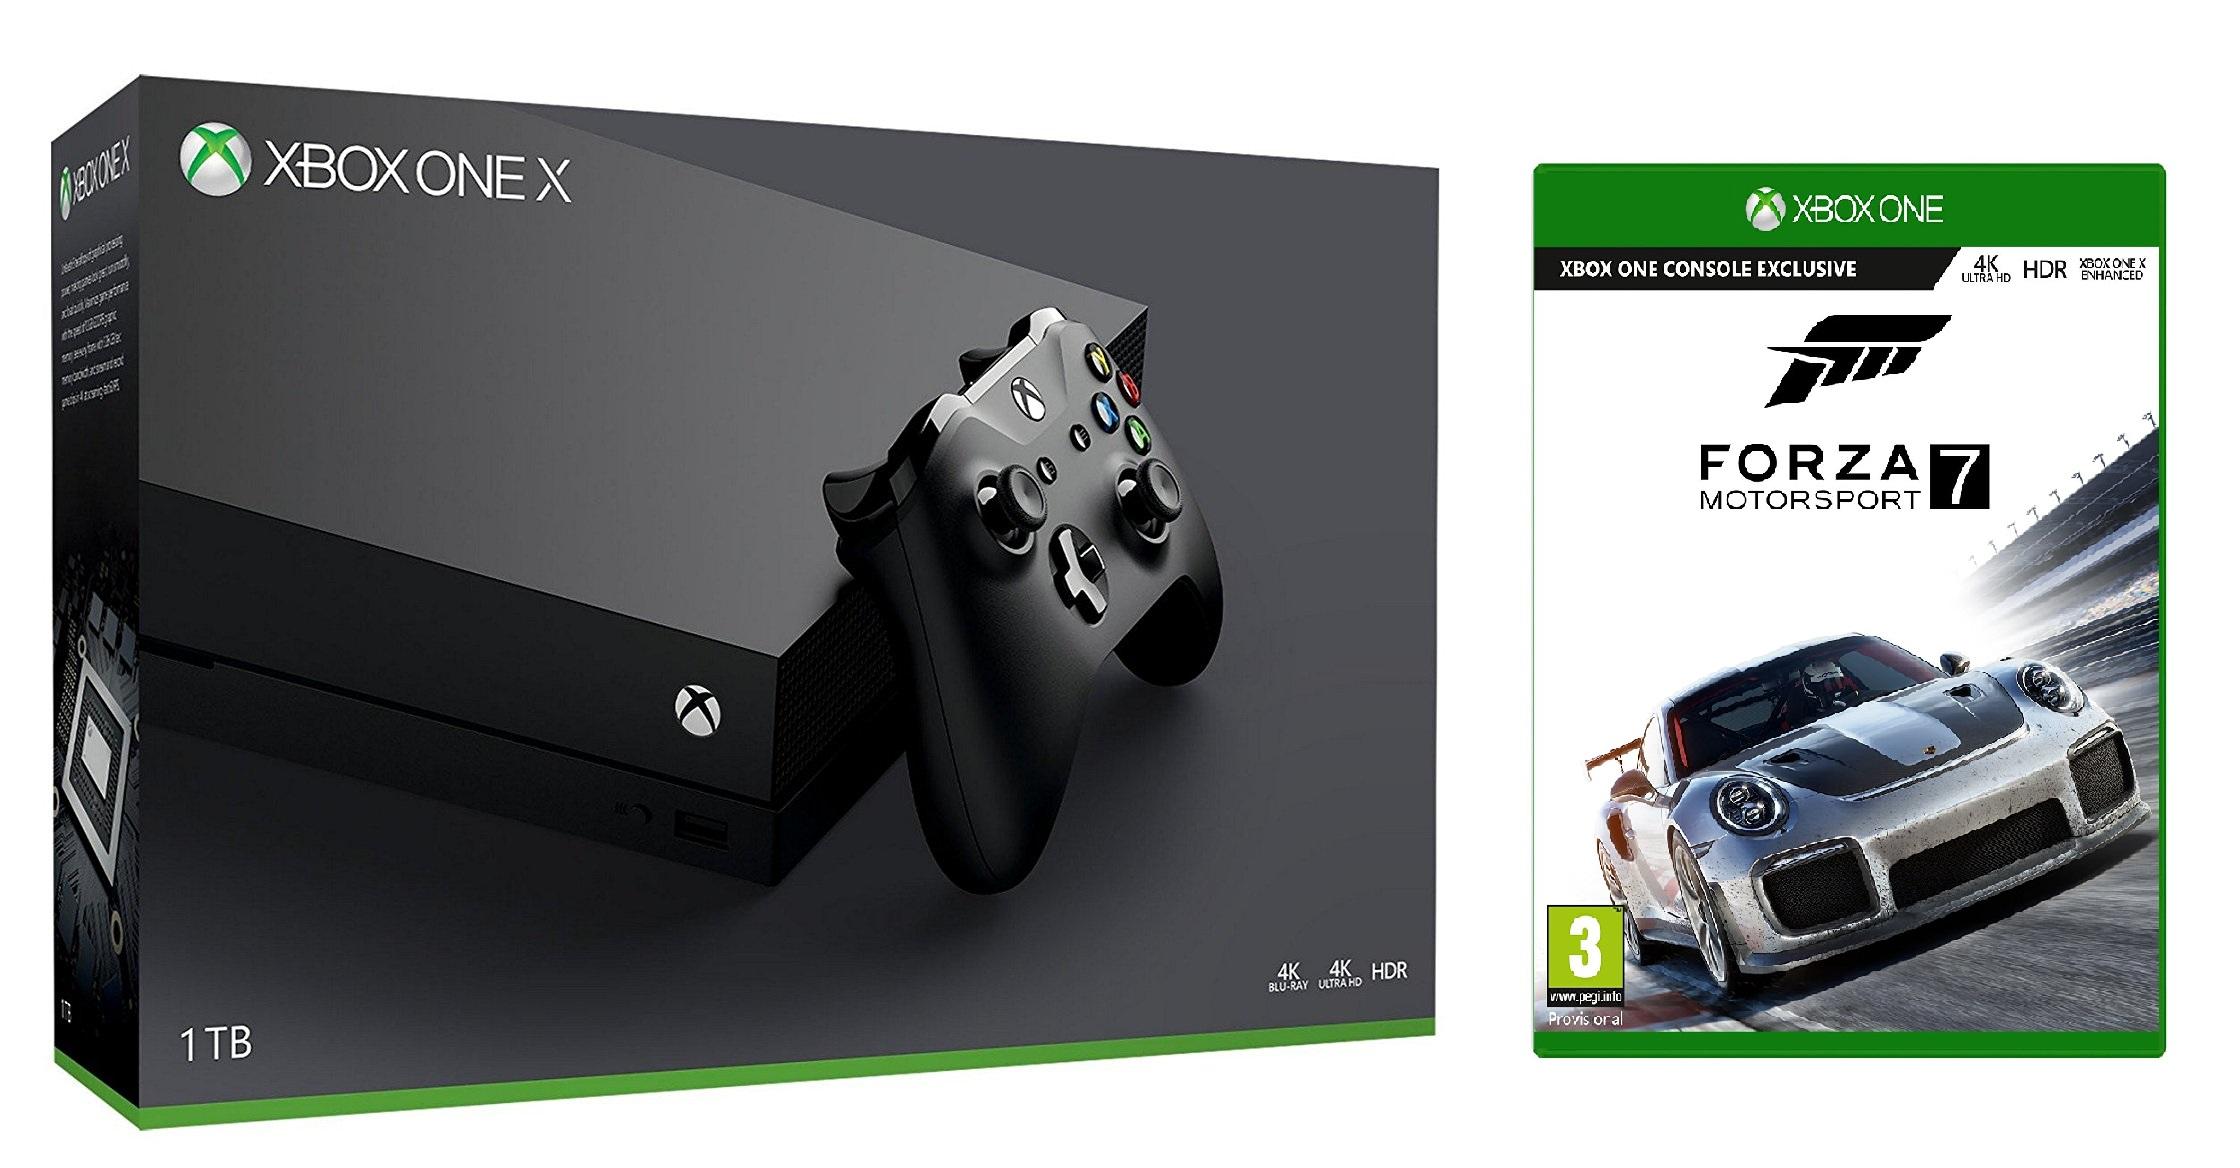 Pre-order Microsoft Xbox One X 1TB Console + Forza Motorsport 7 £463.99 @ Tesco Direct